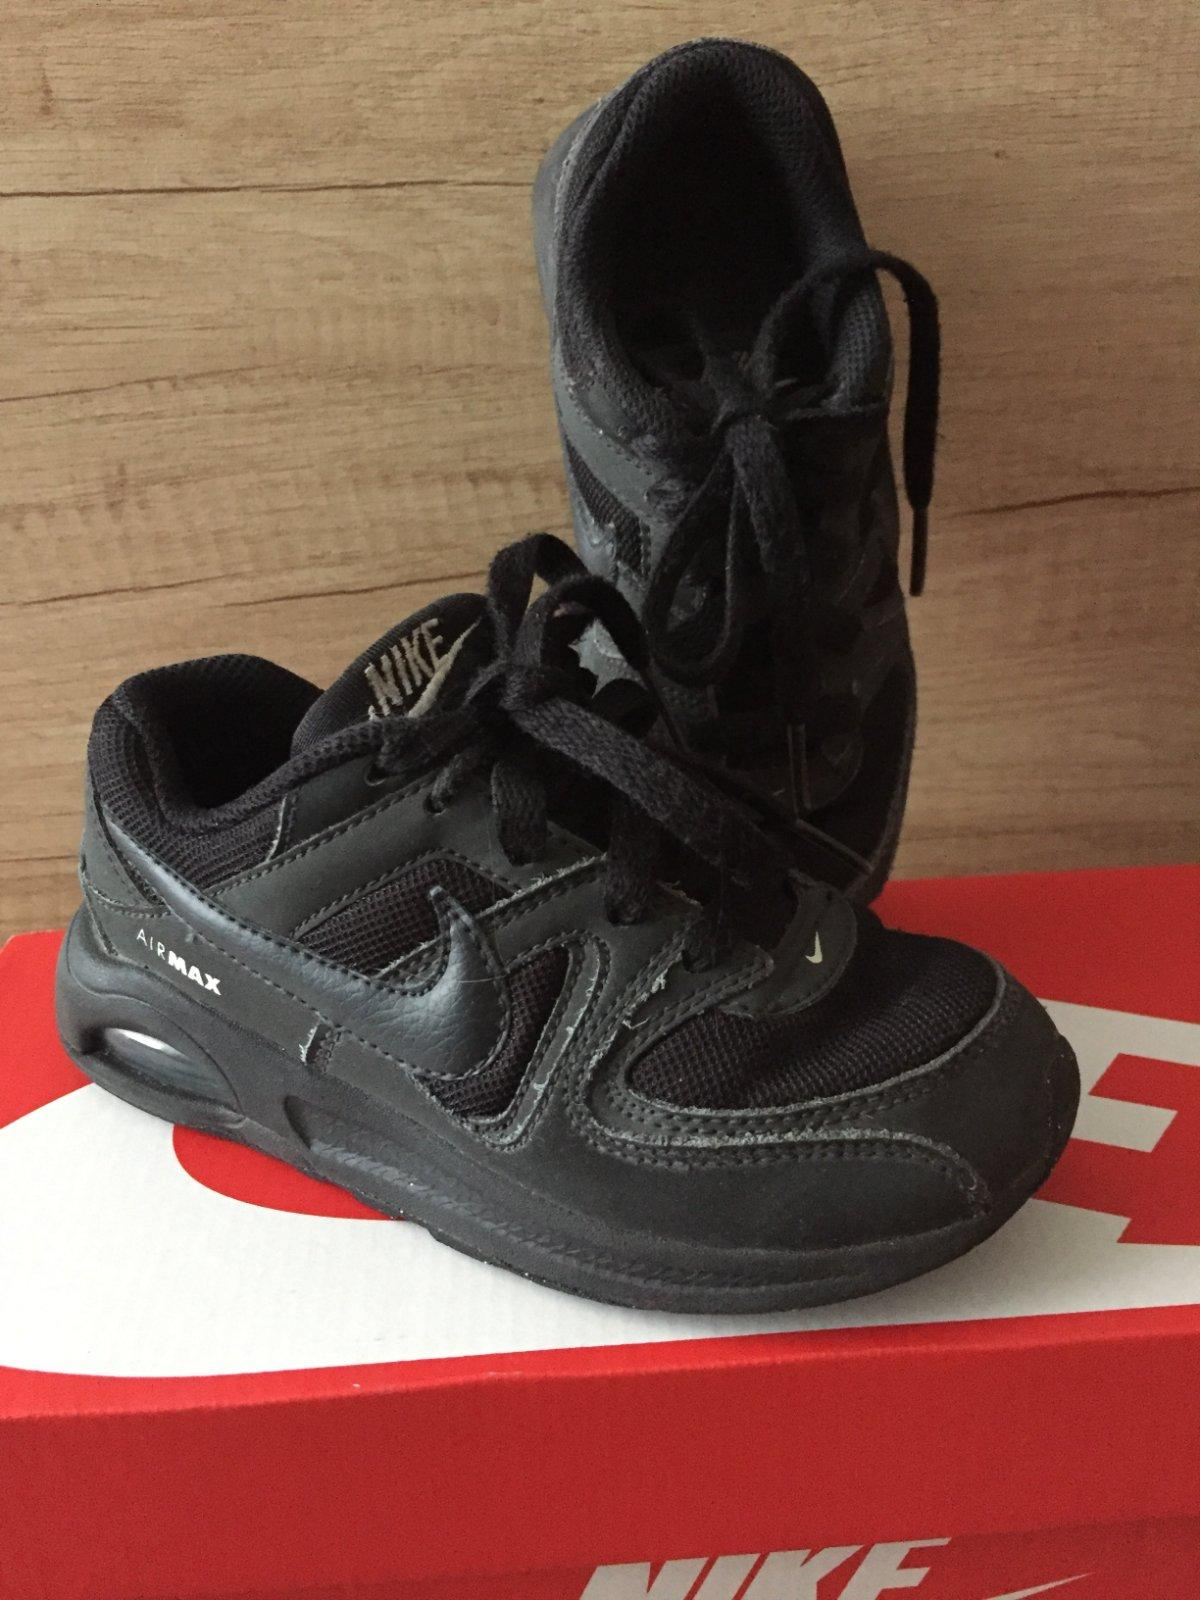 cfa1d423f17 Nike air max